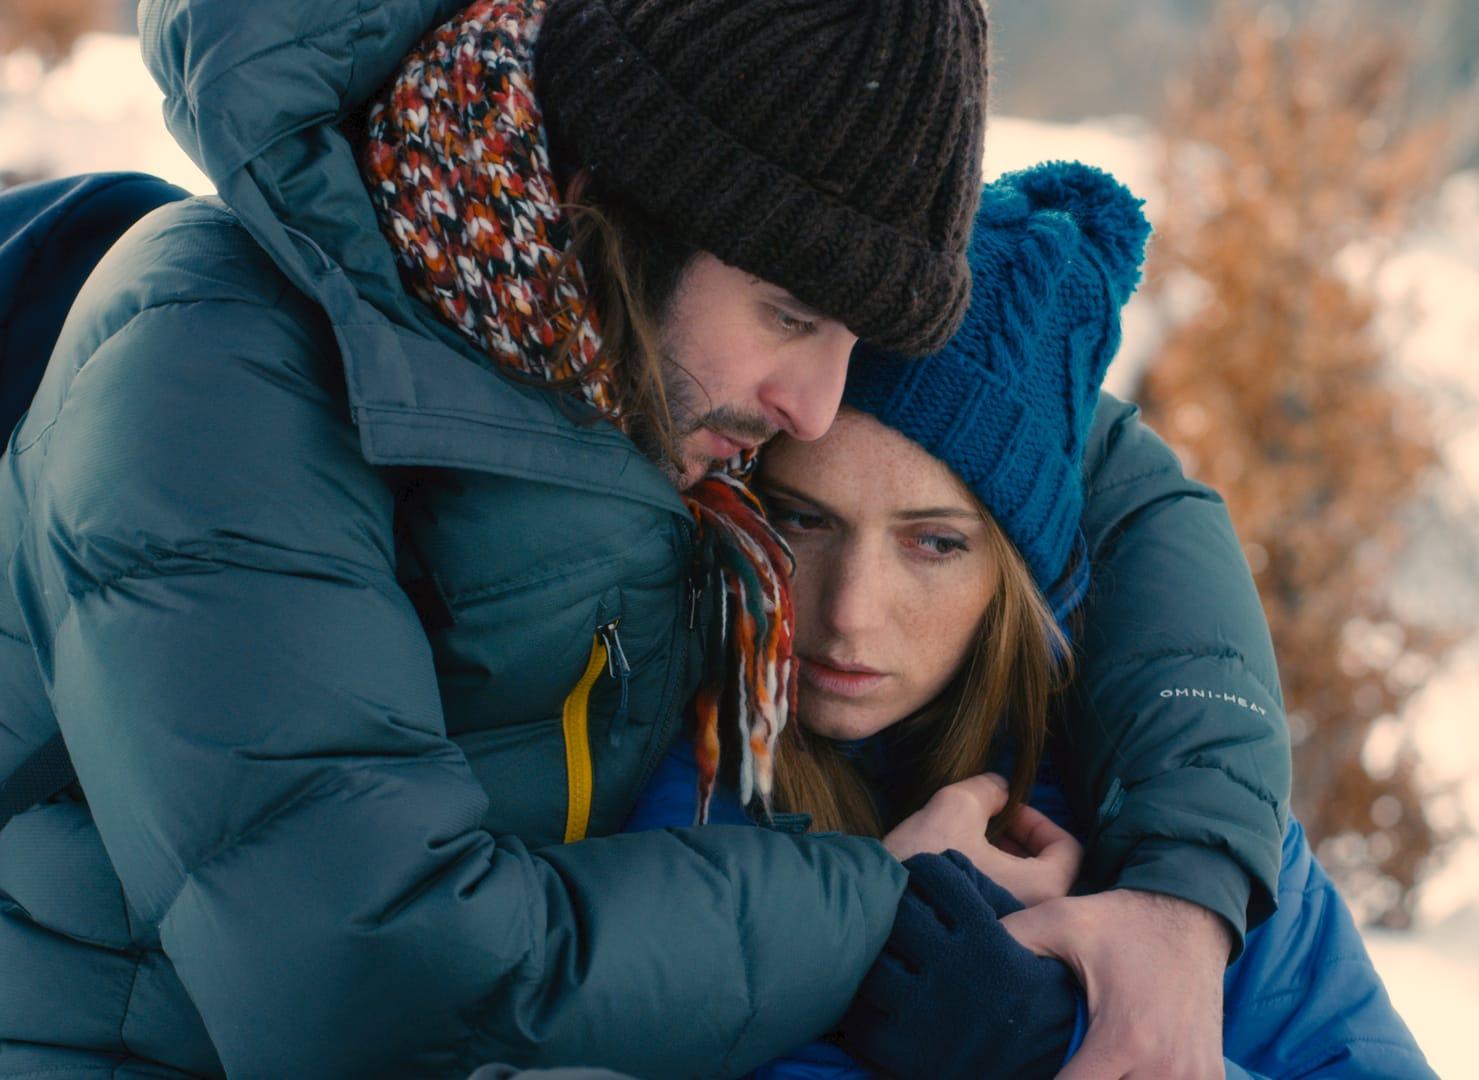 2 automnes 3 hivers image film cinéma